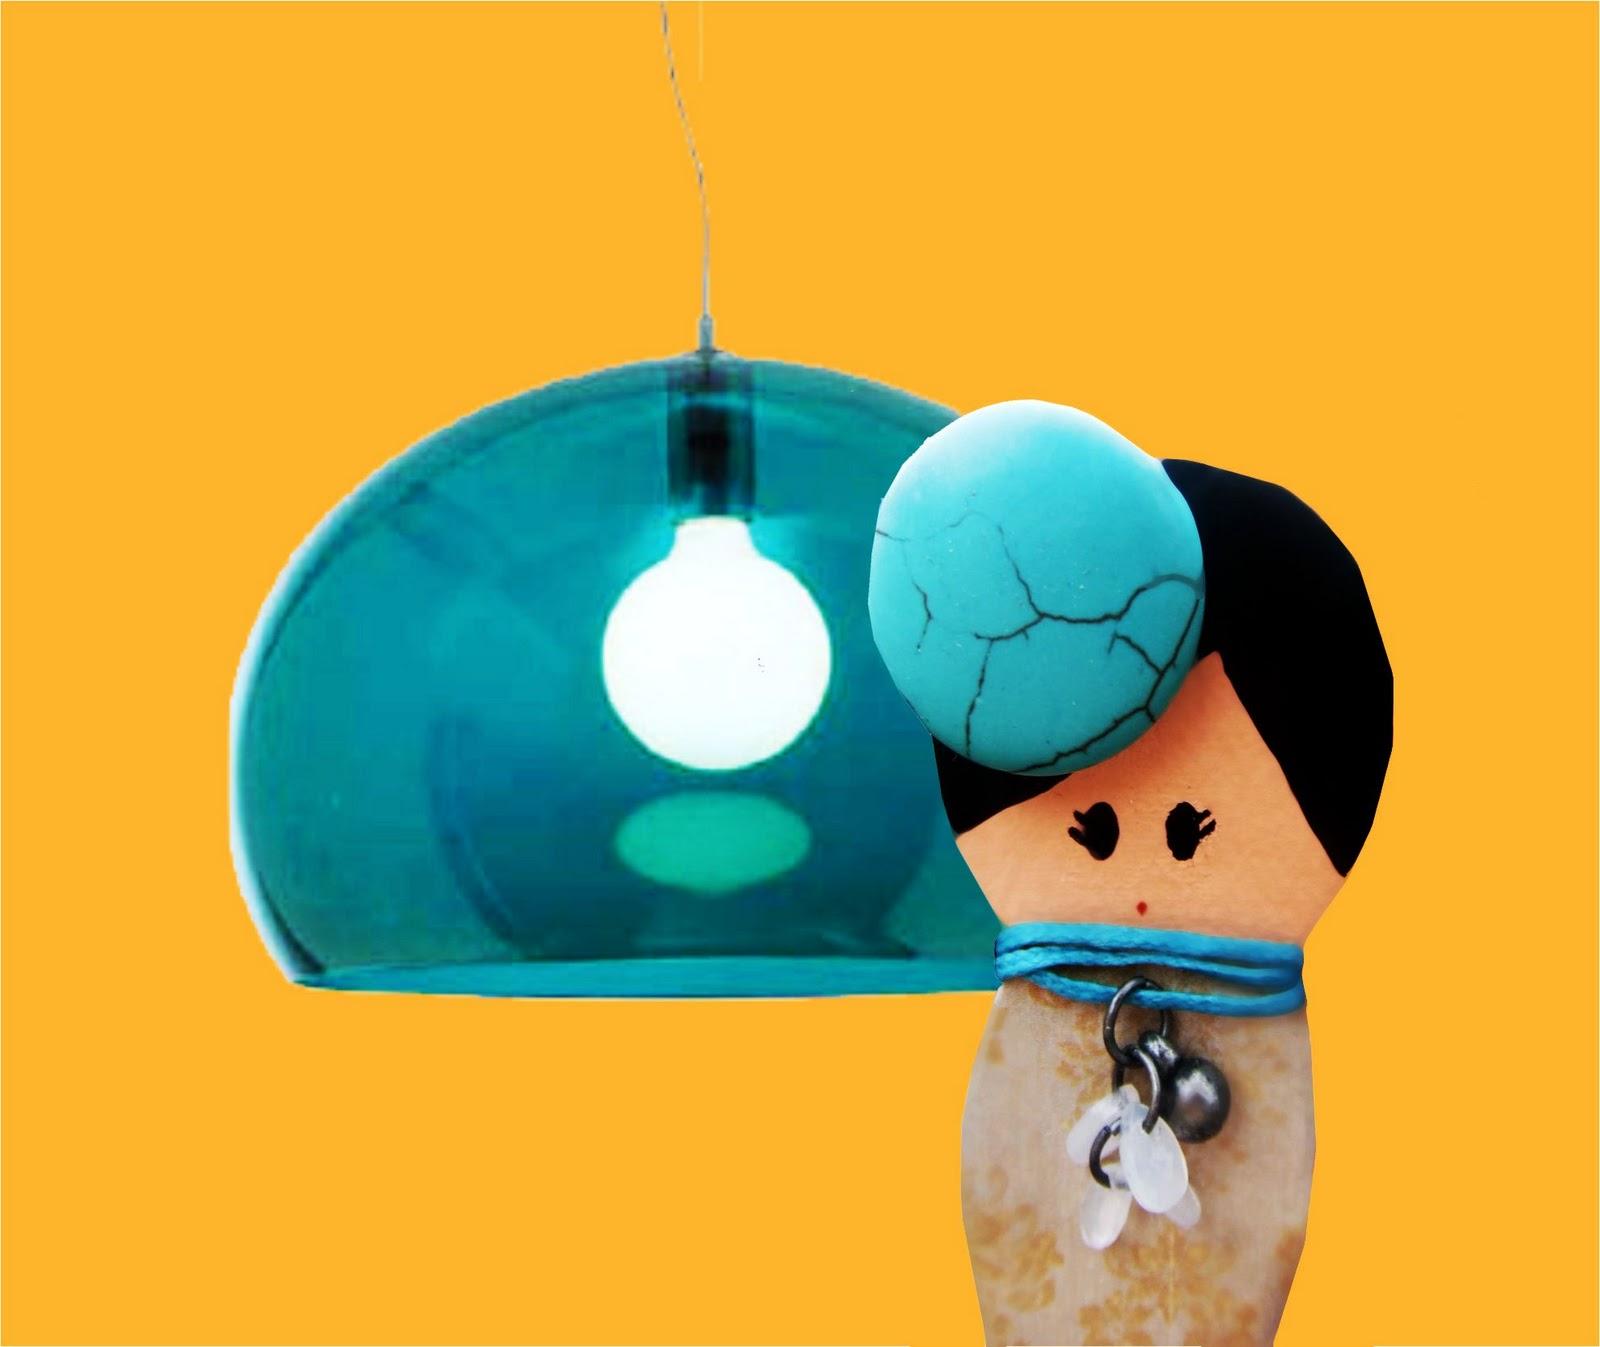 Mariquita tu roete se enciende la luz - Lampara fly kartell ...